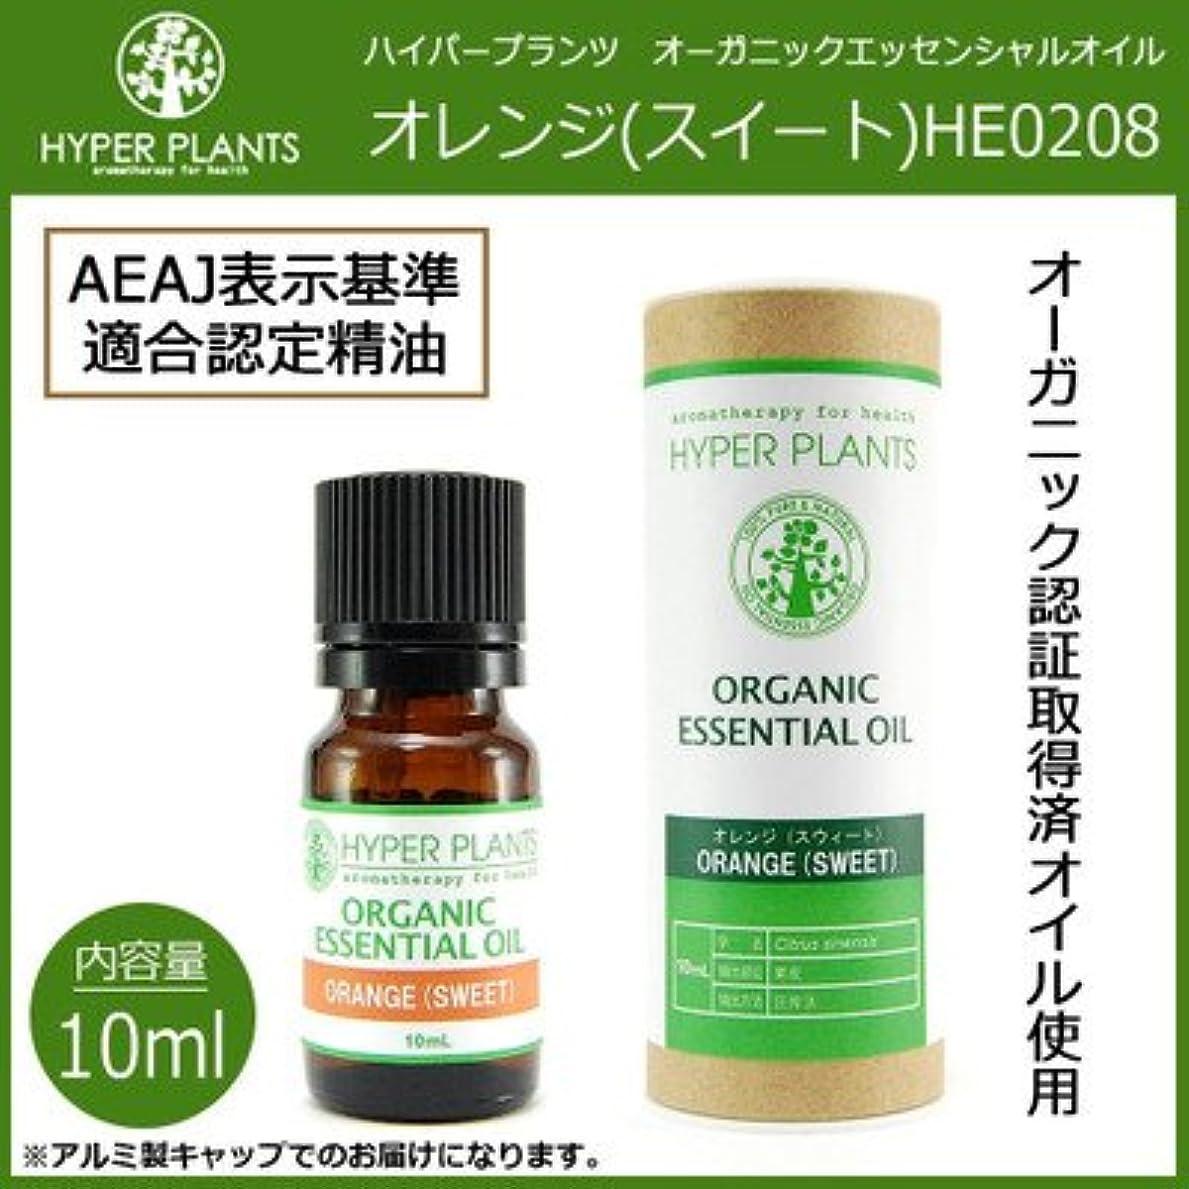 毎日の生活にアロマの香りを HYPER PLANTS ハイパープランツ オーガニックエッセンシャルオイル オレンジ スイート 10ml HE0208